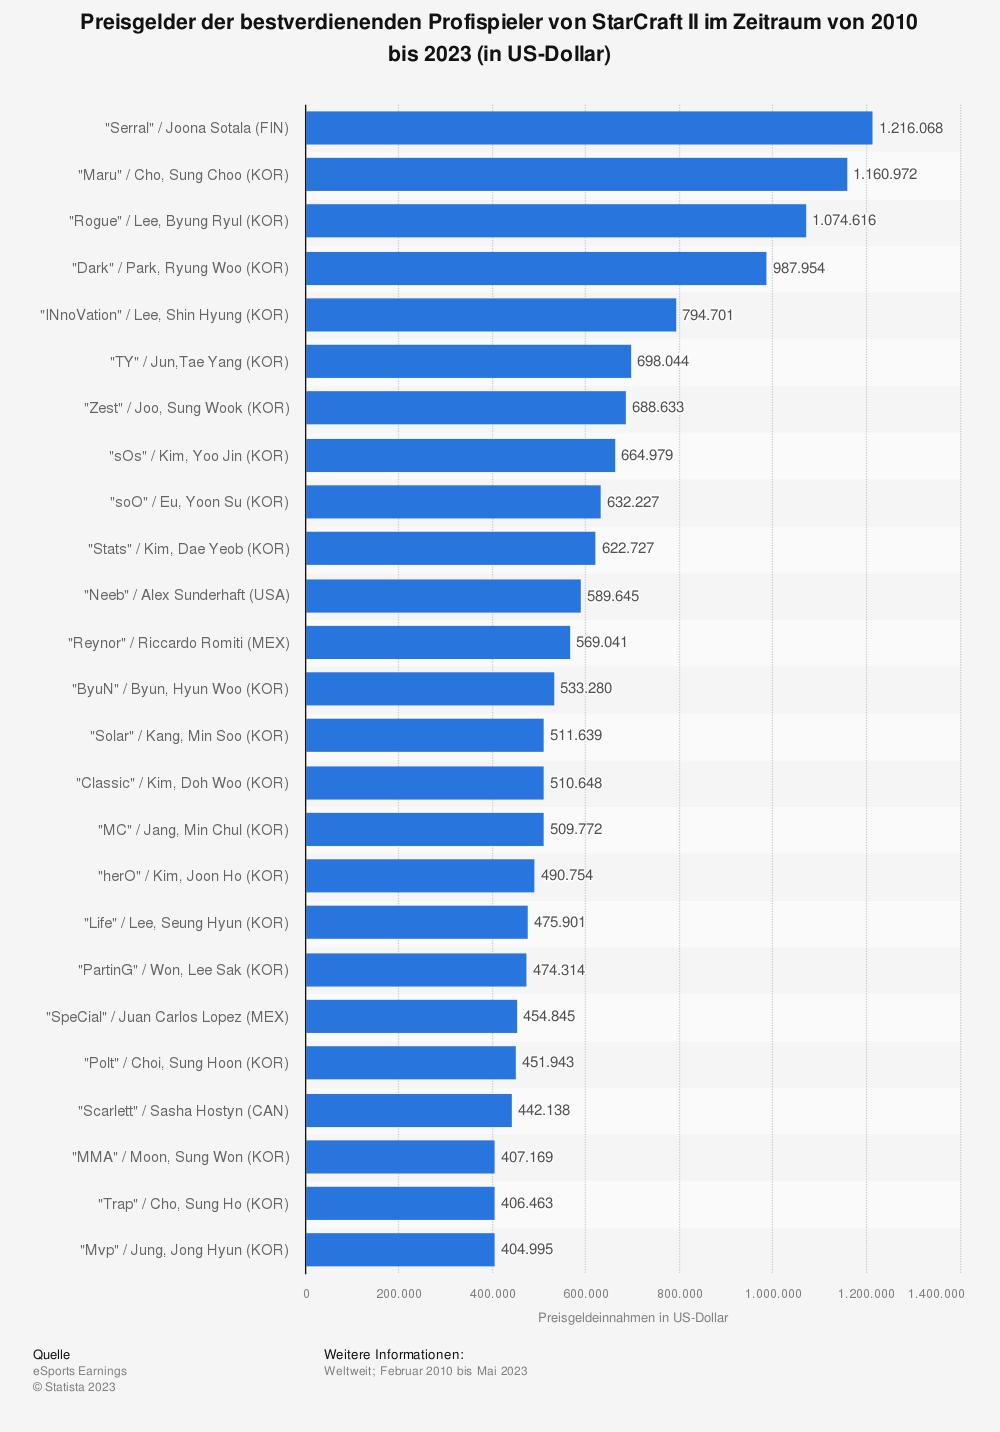 Statistik: Preisgelder der bestverdienenden Profispieler von StarCraft II im Zeitraum von 2010 bis 2019 (in US-Dollar) | Statista